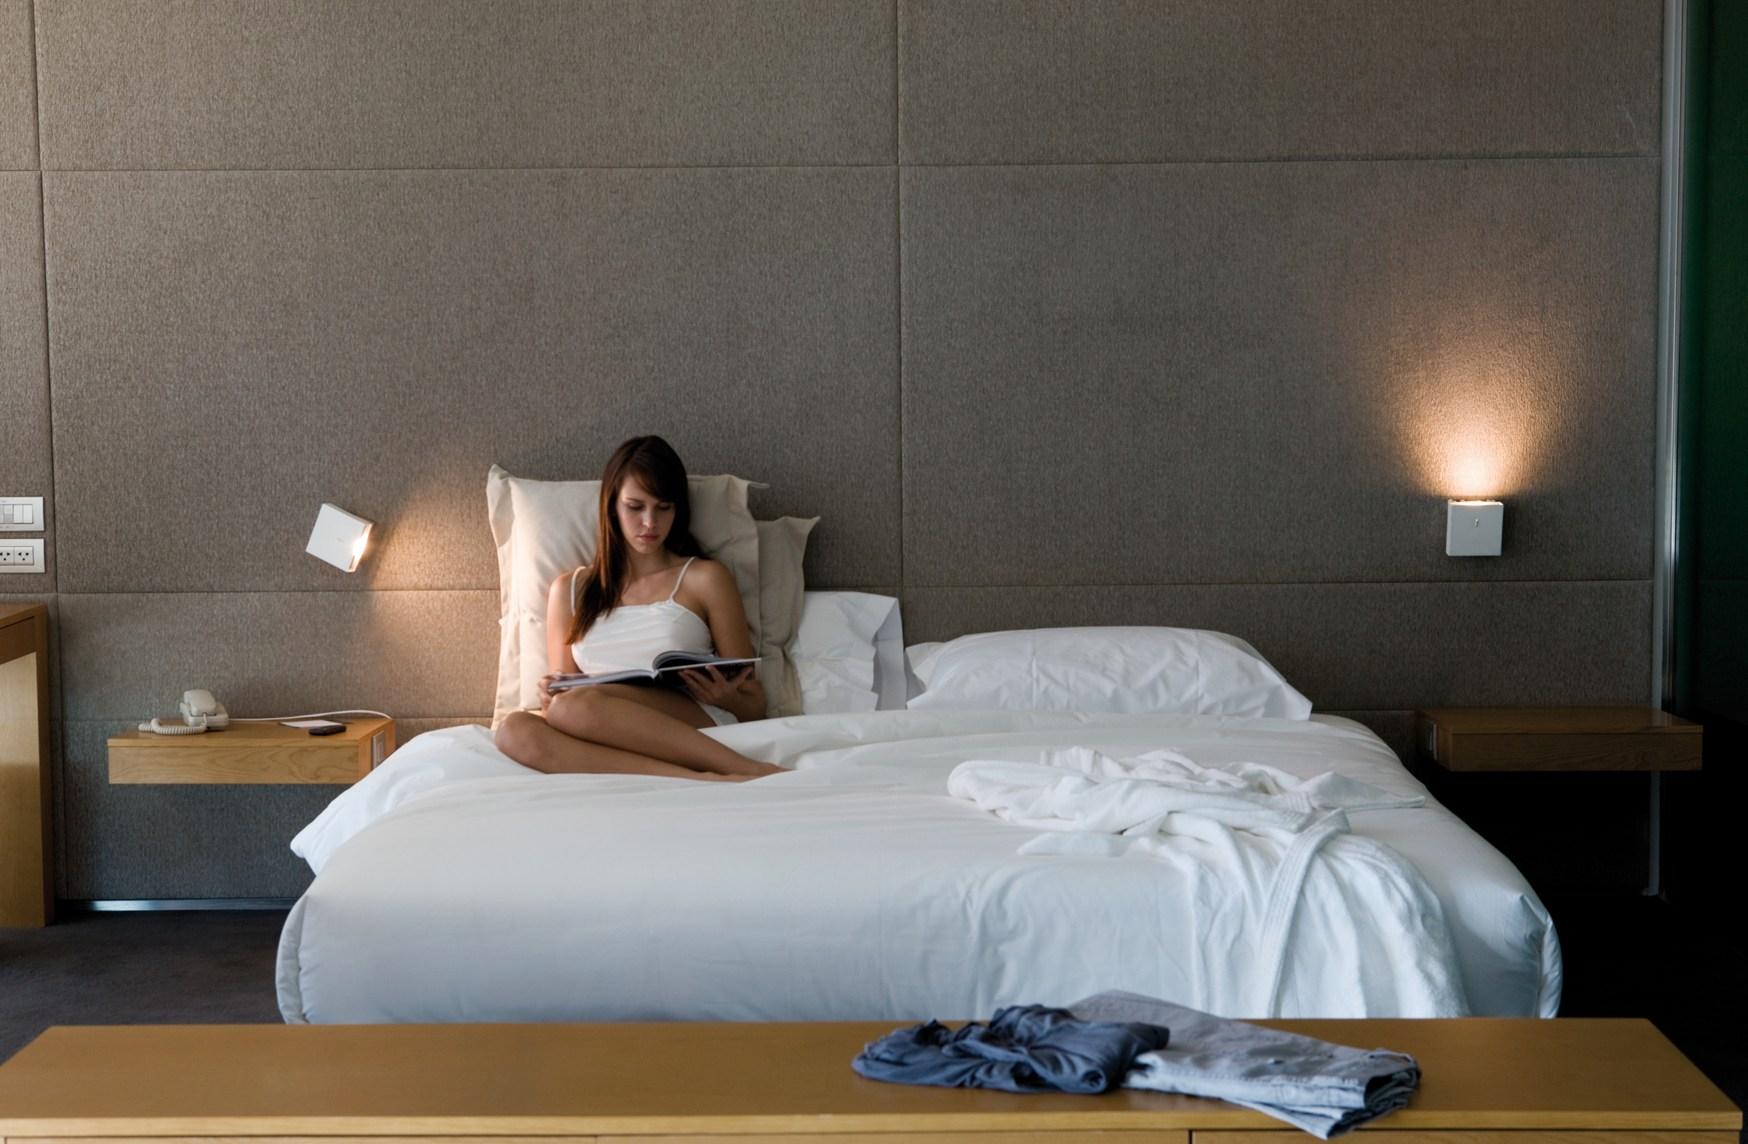 illuminare la camera da letto - Lampade Sospensione Camera Da Letto